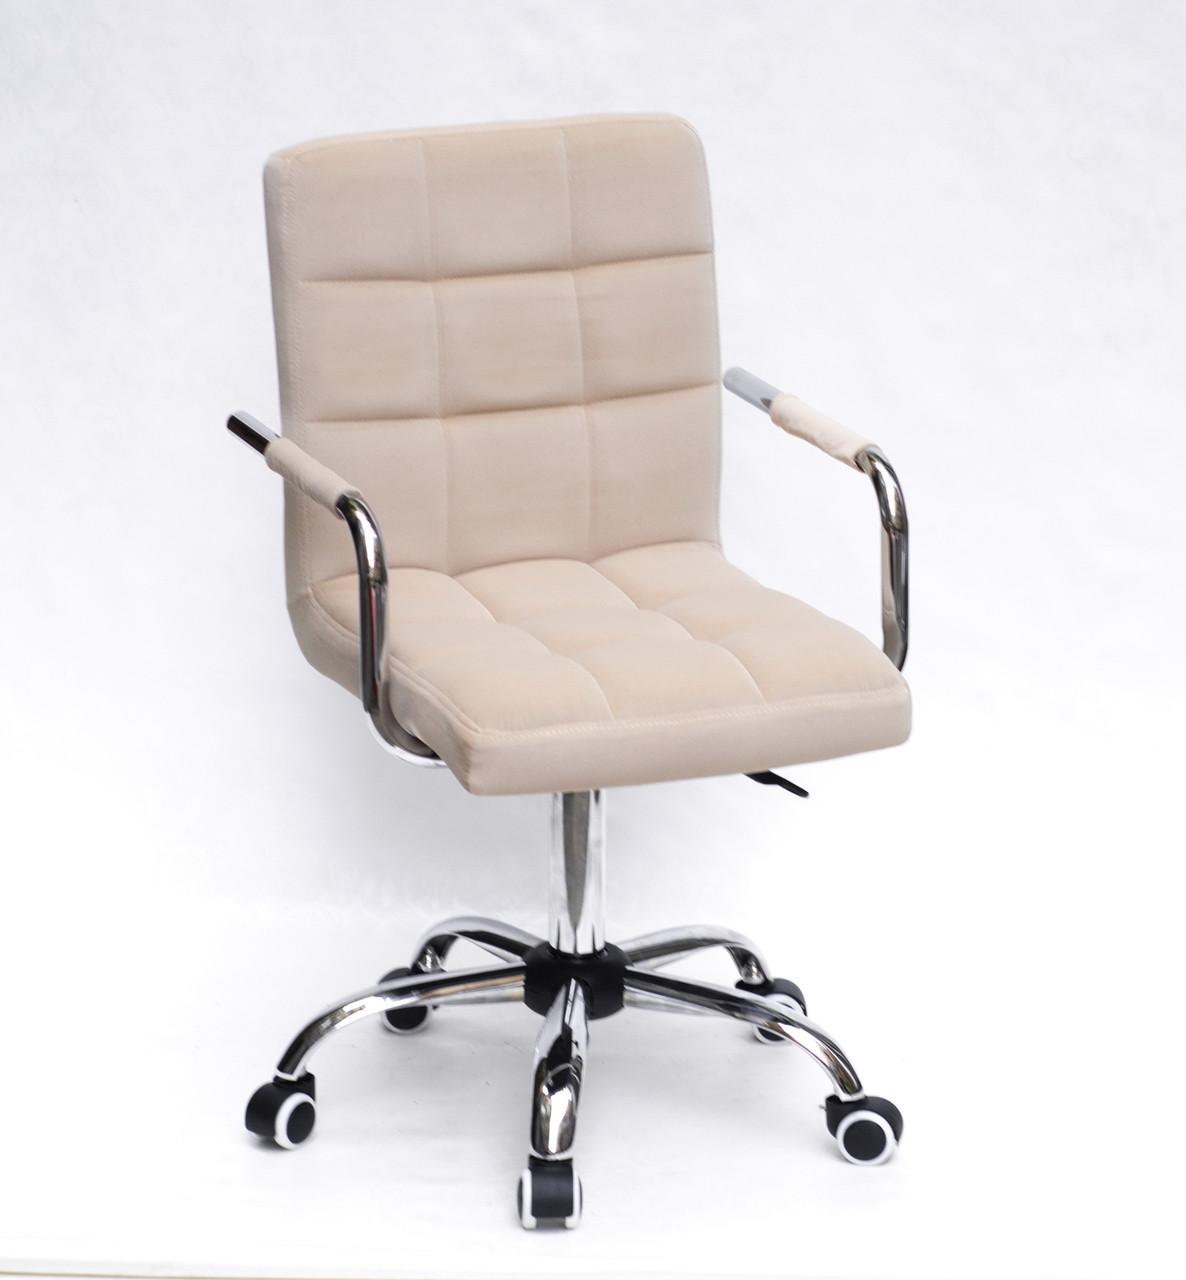 Крісло з підлокітниками Августо Augusto-ARM CH - Office бежевий оксамит на коліщатках, хром